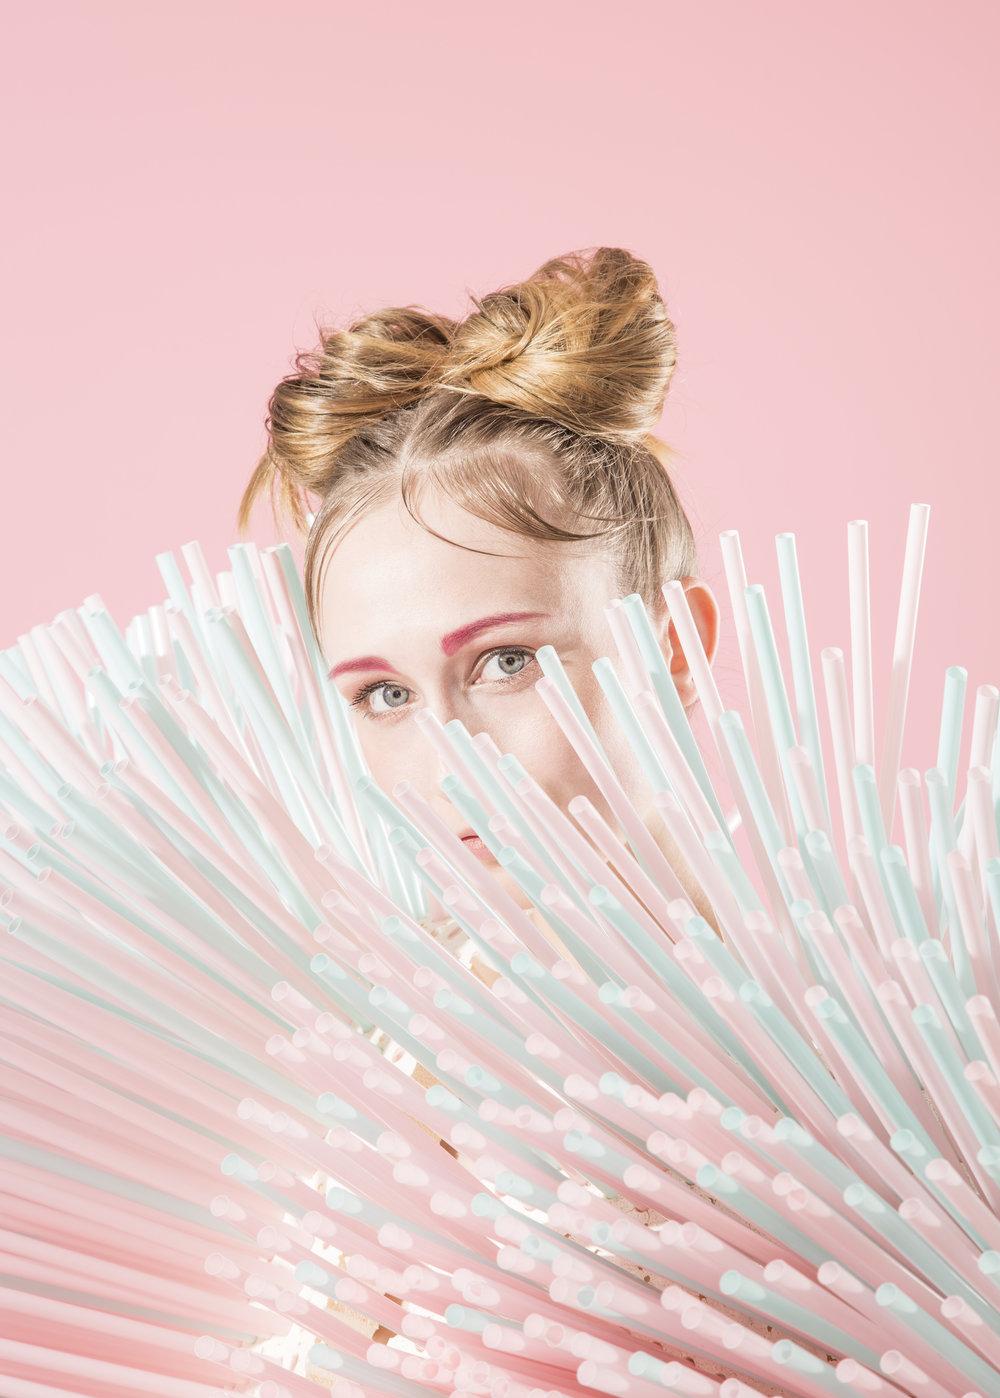 9_Mandy-Roos-Victoria-Ledig.jpg